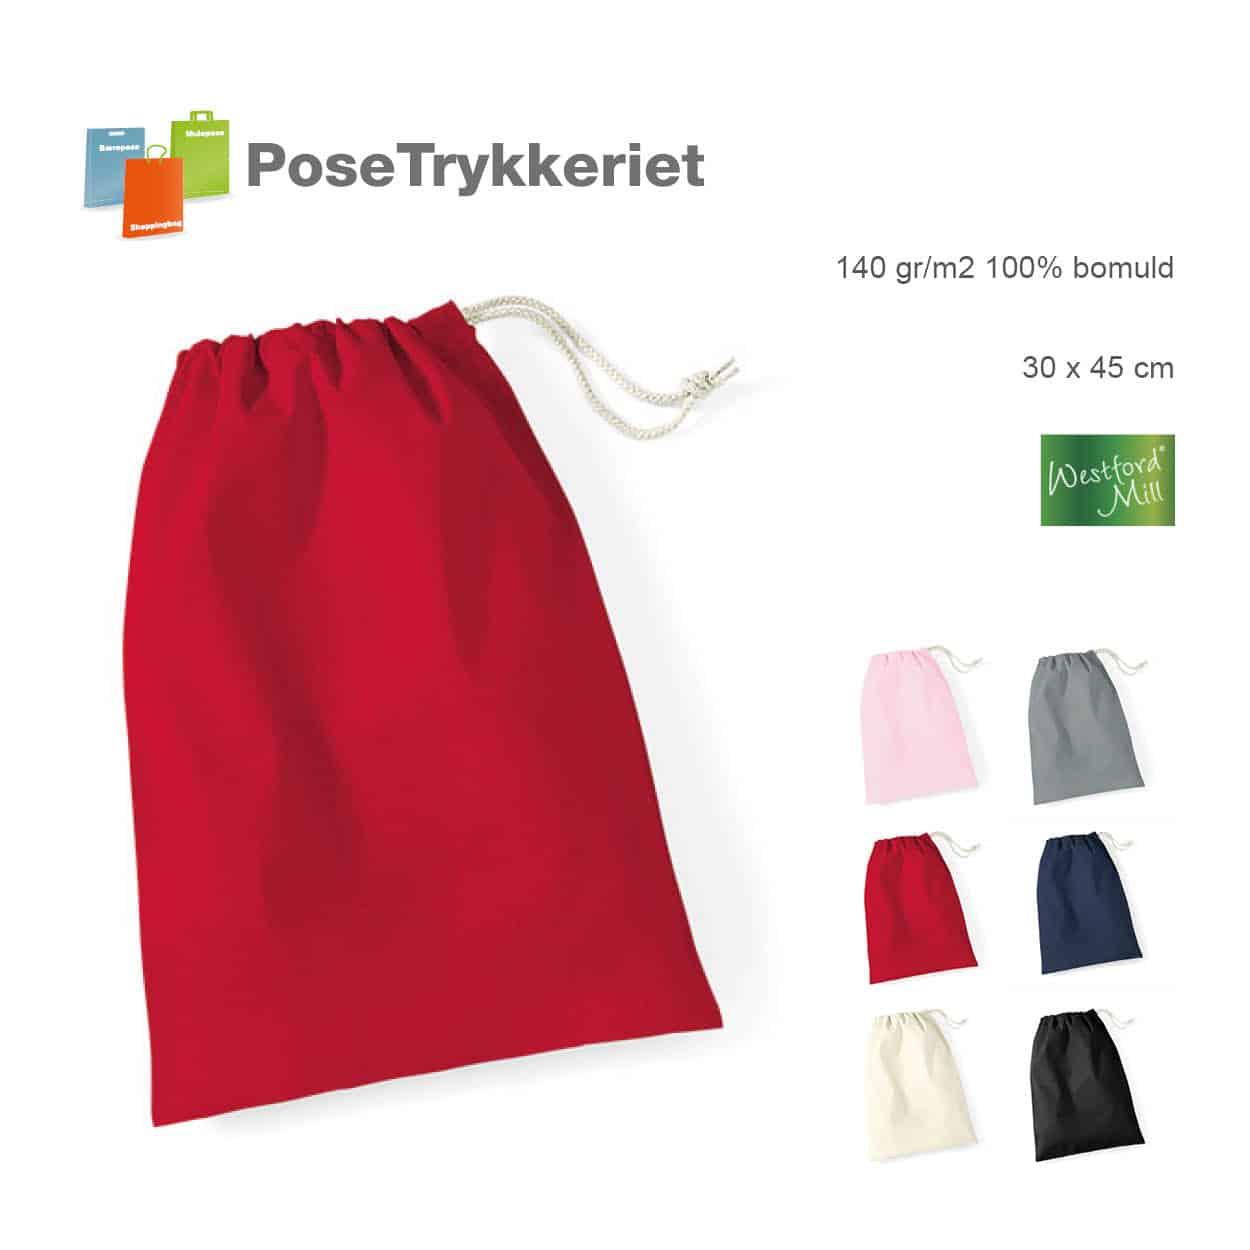 Stofposer med snørrelukning. Posetrykkeriet.dk